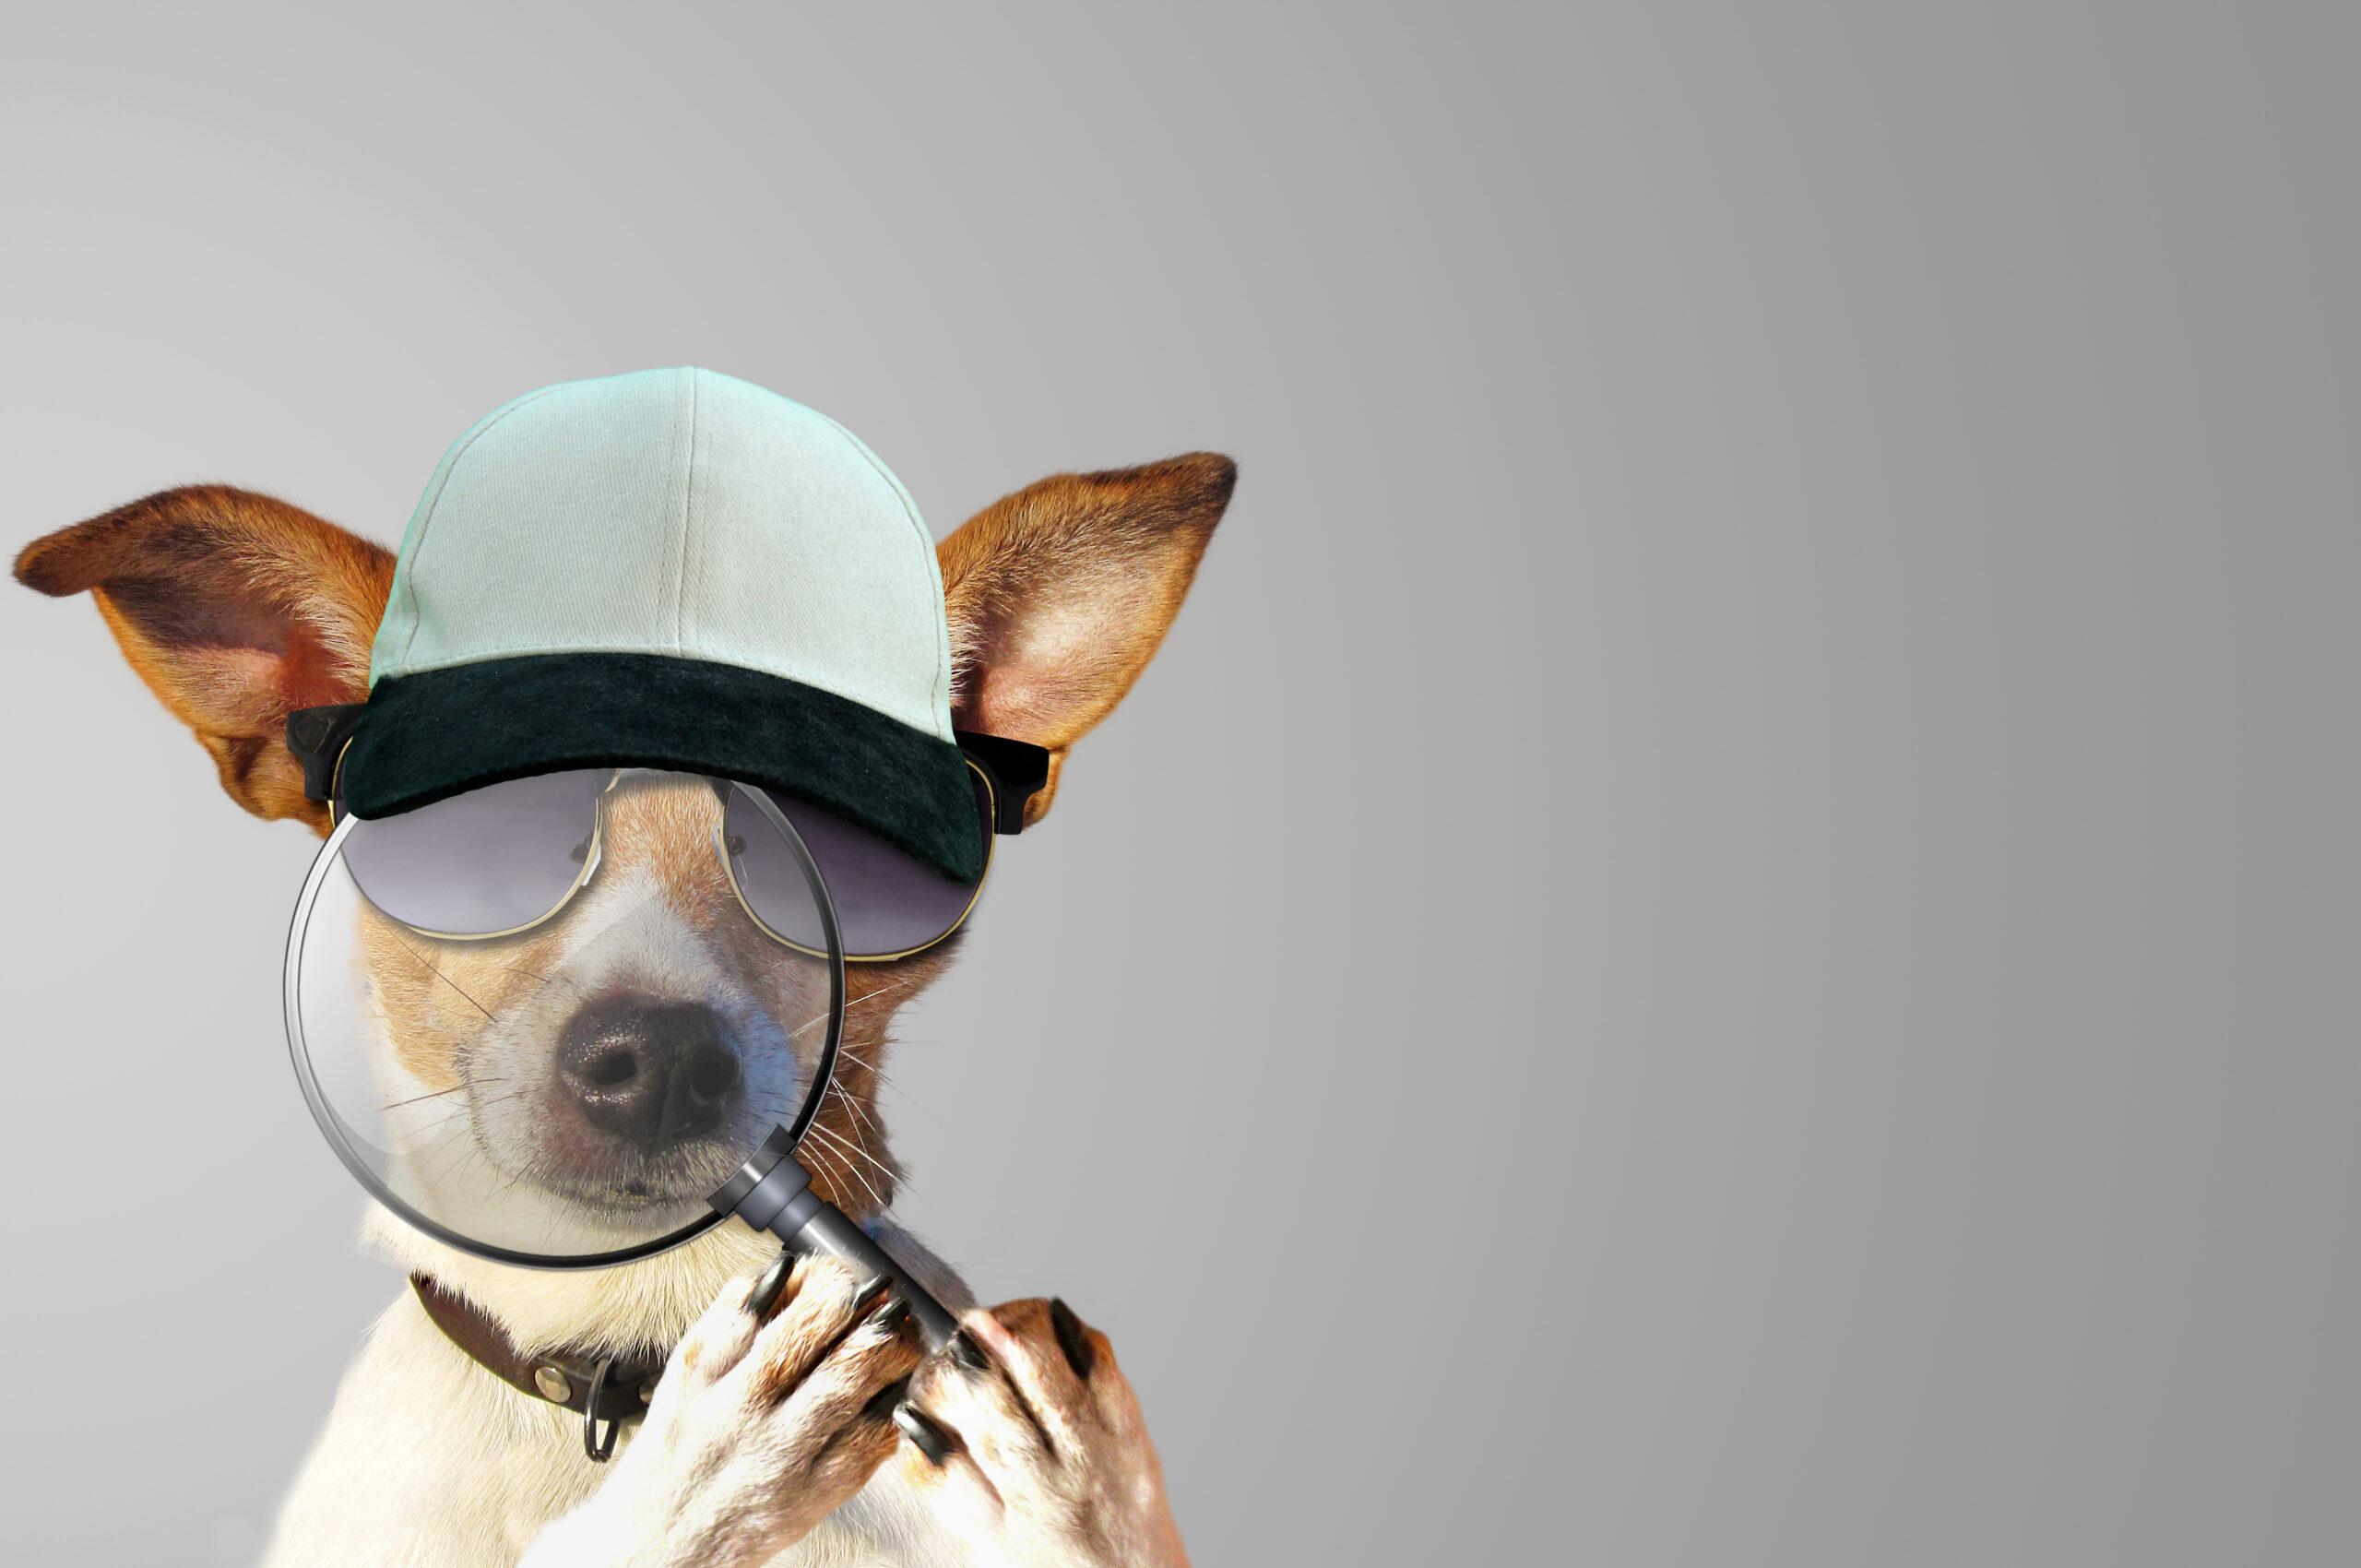 Photo humoristique d'un chien détective avec une loupe pour débusquer les punaises de lit